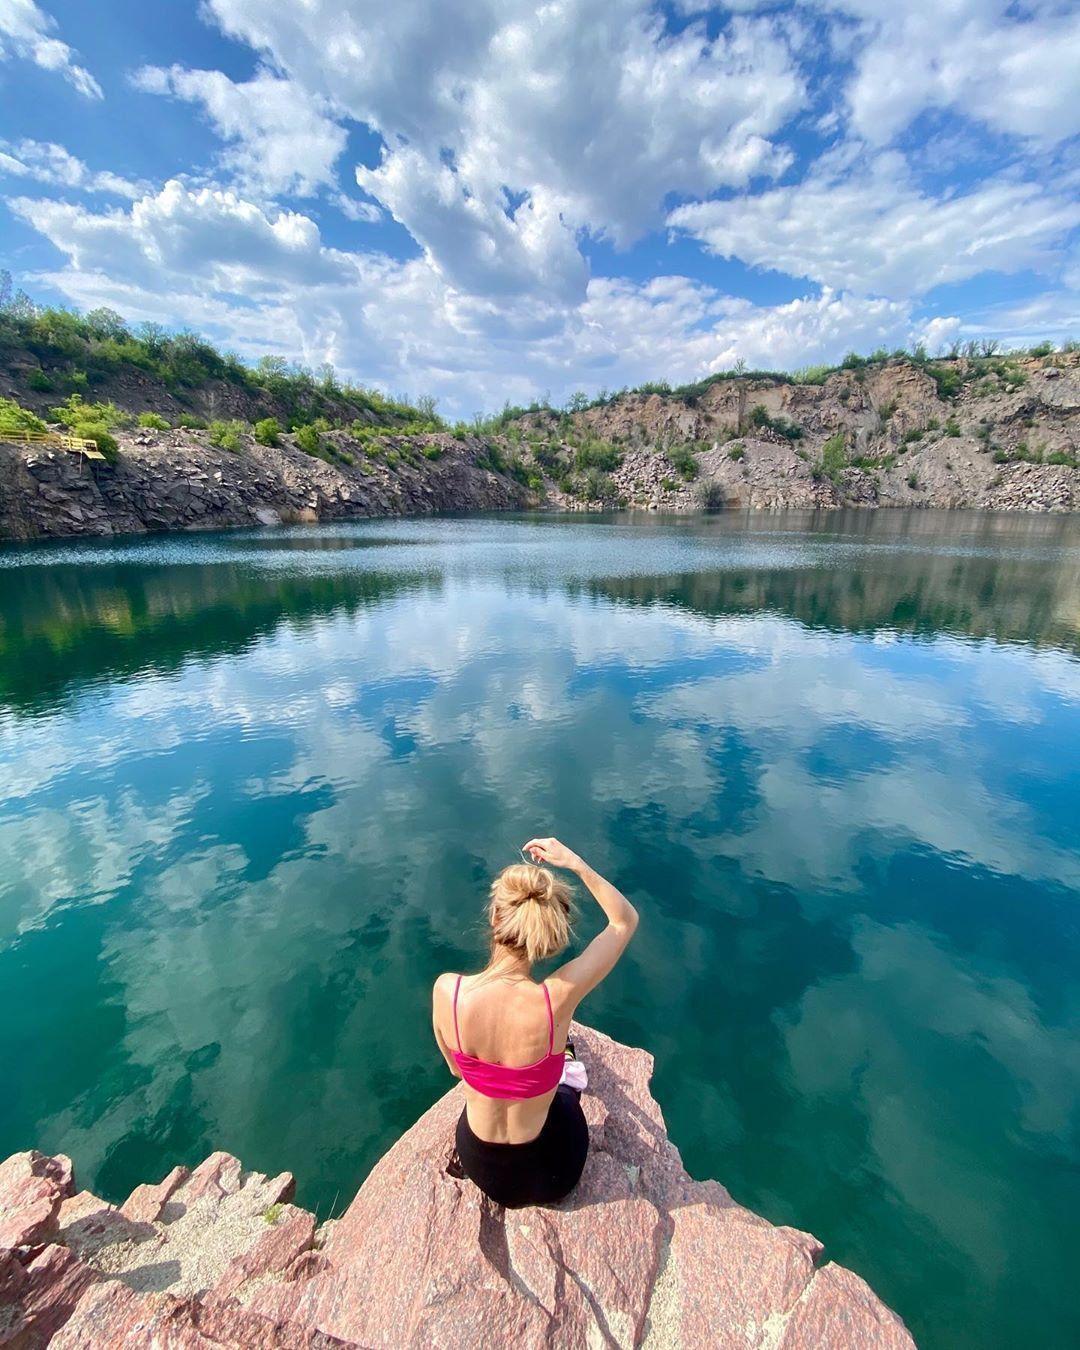 радонове озеро 6